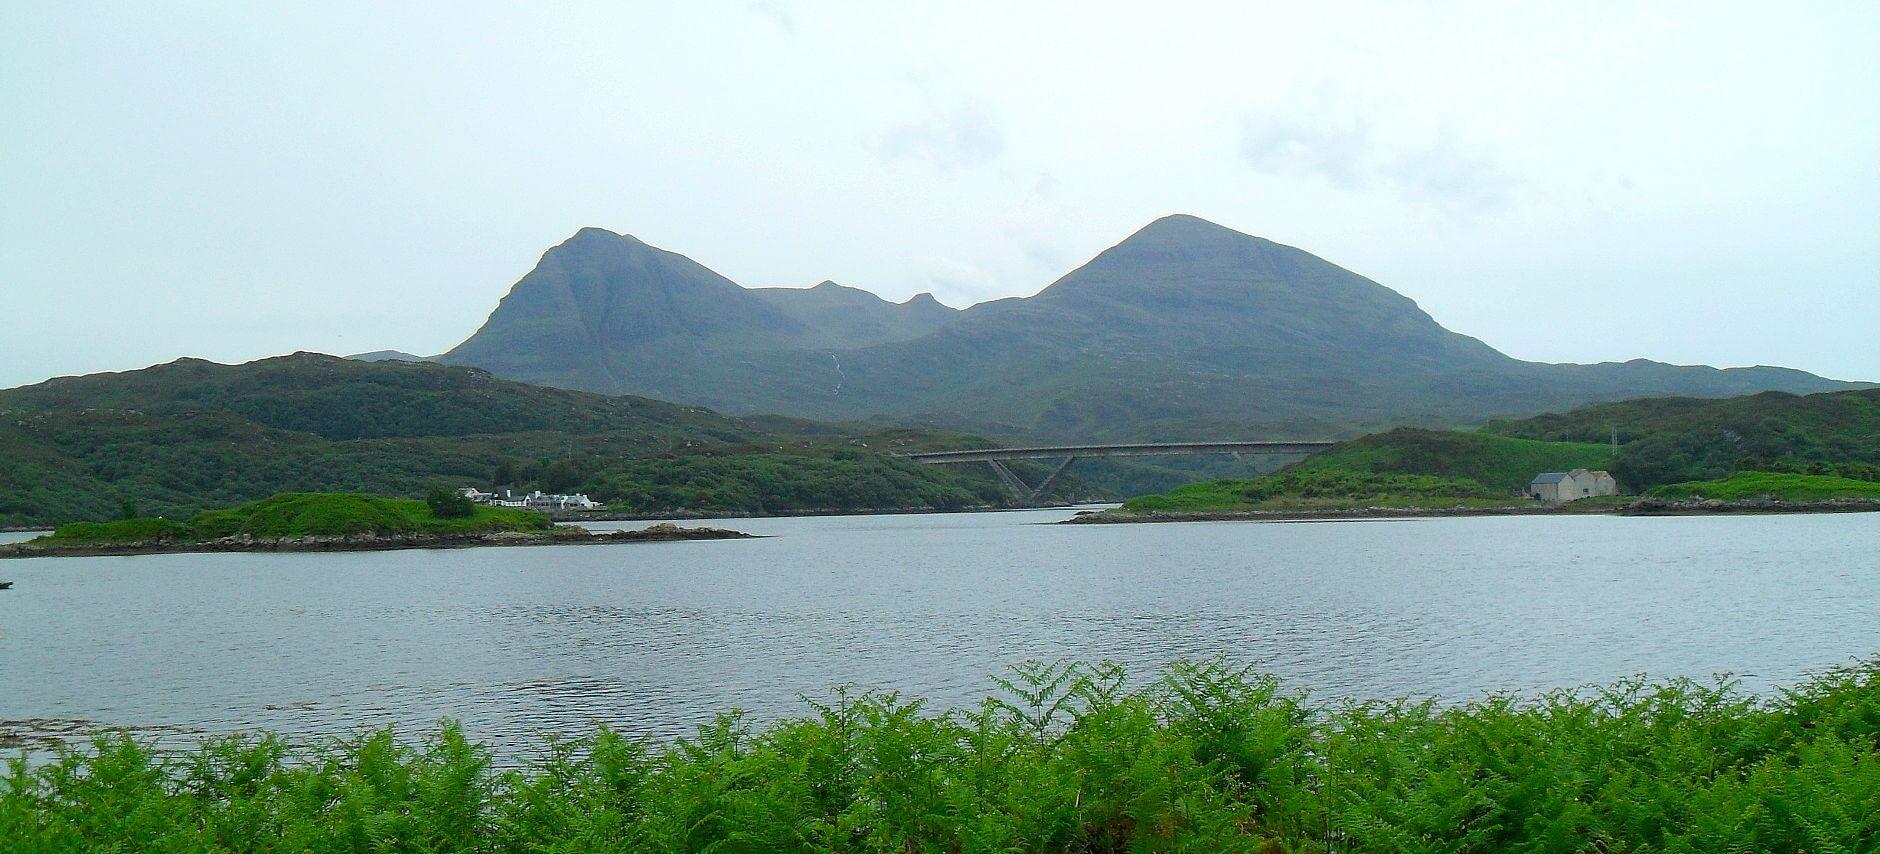 Quinag-Massiv, davor die Kylesku-Bridge, die die Meerenge zwischen <em>Loch Glendhu</em> und <em>Loch a' Chàirn Bàin</em> überspannt. Links davon Kylesku, da will ich hin. Der Weg dorthin geht erst weiter am Loch vorbei, dann auf der A894 über die Brücke